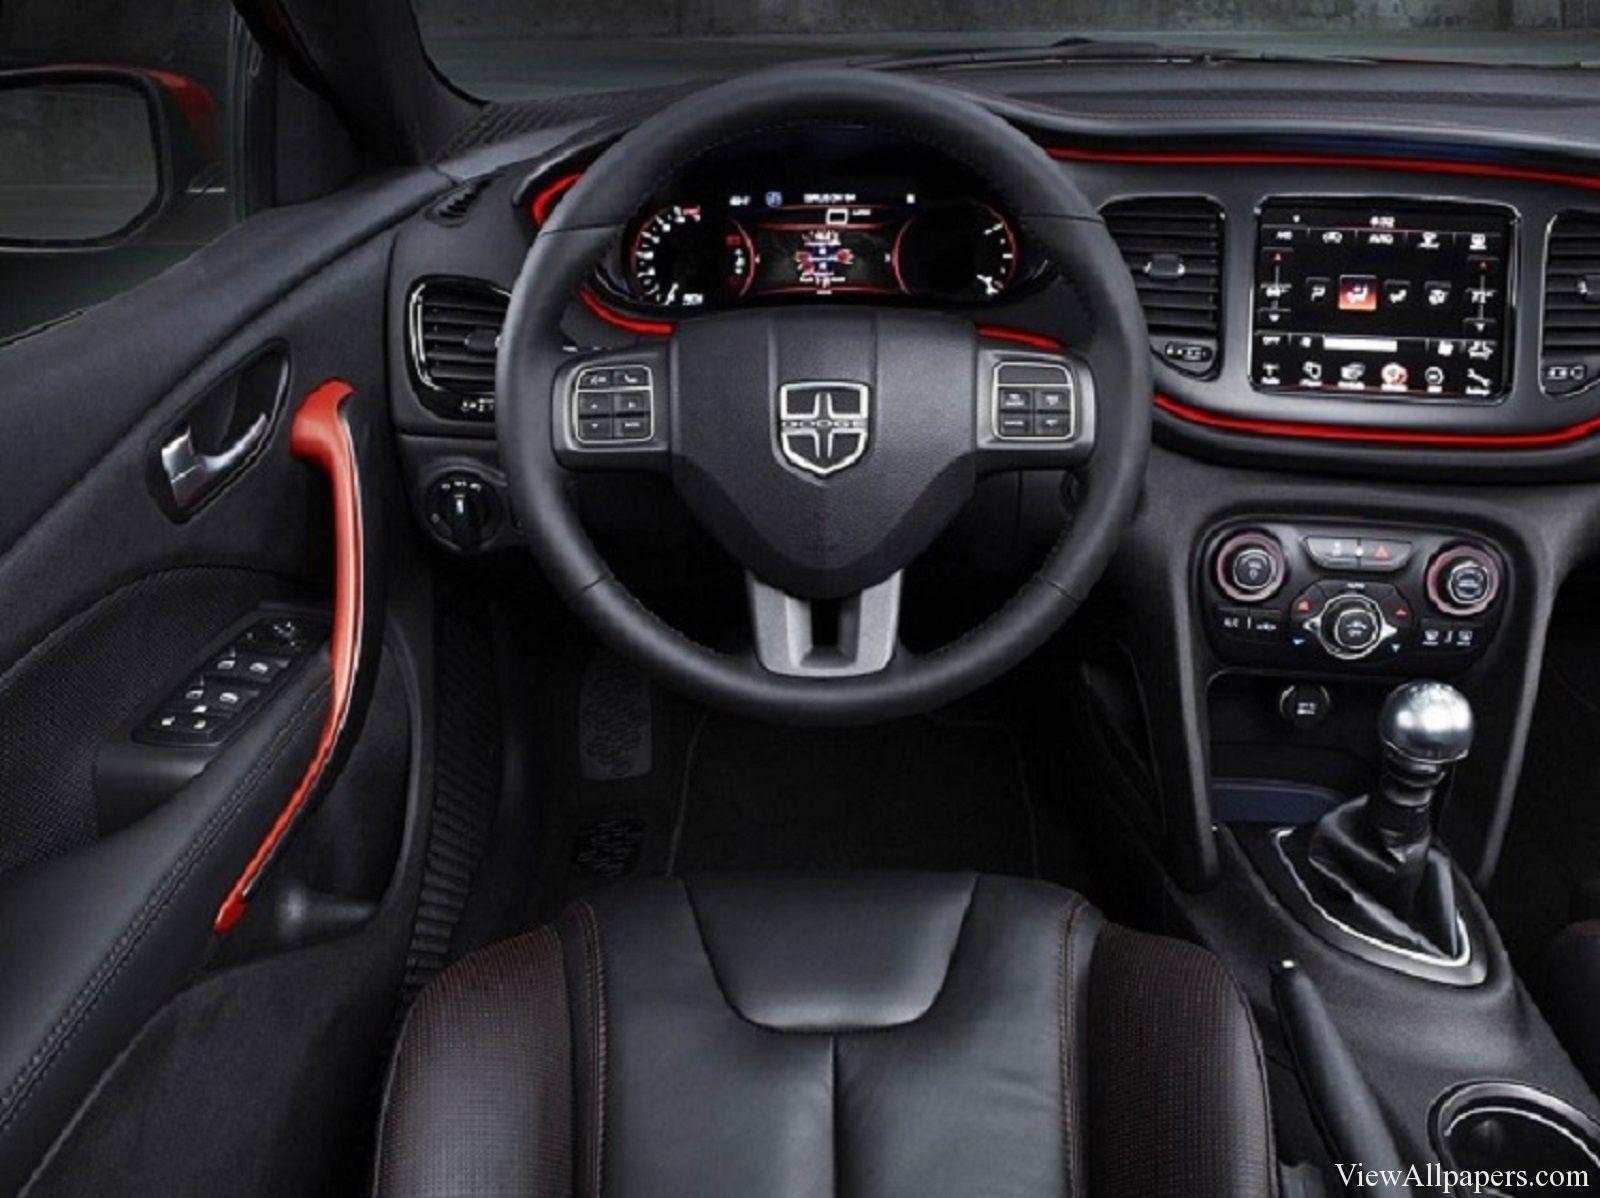 2017 Dodge Dart Srt Interior Dodge Dart 2015 Dodge Dart 2018